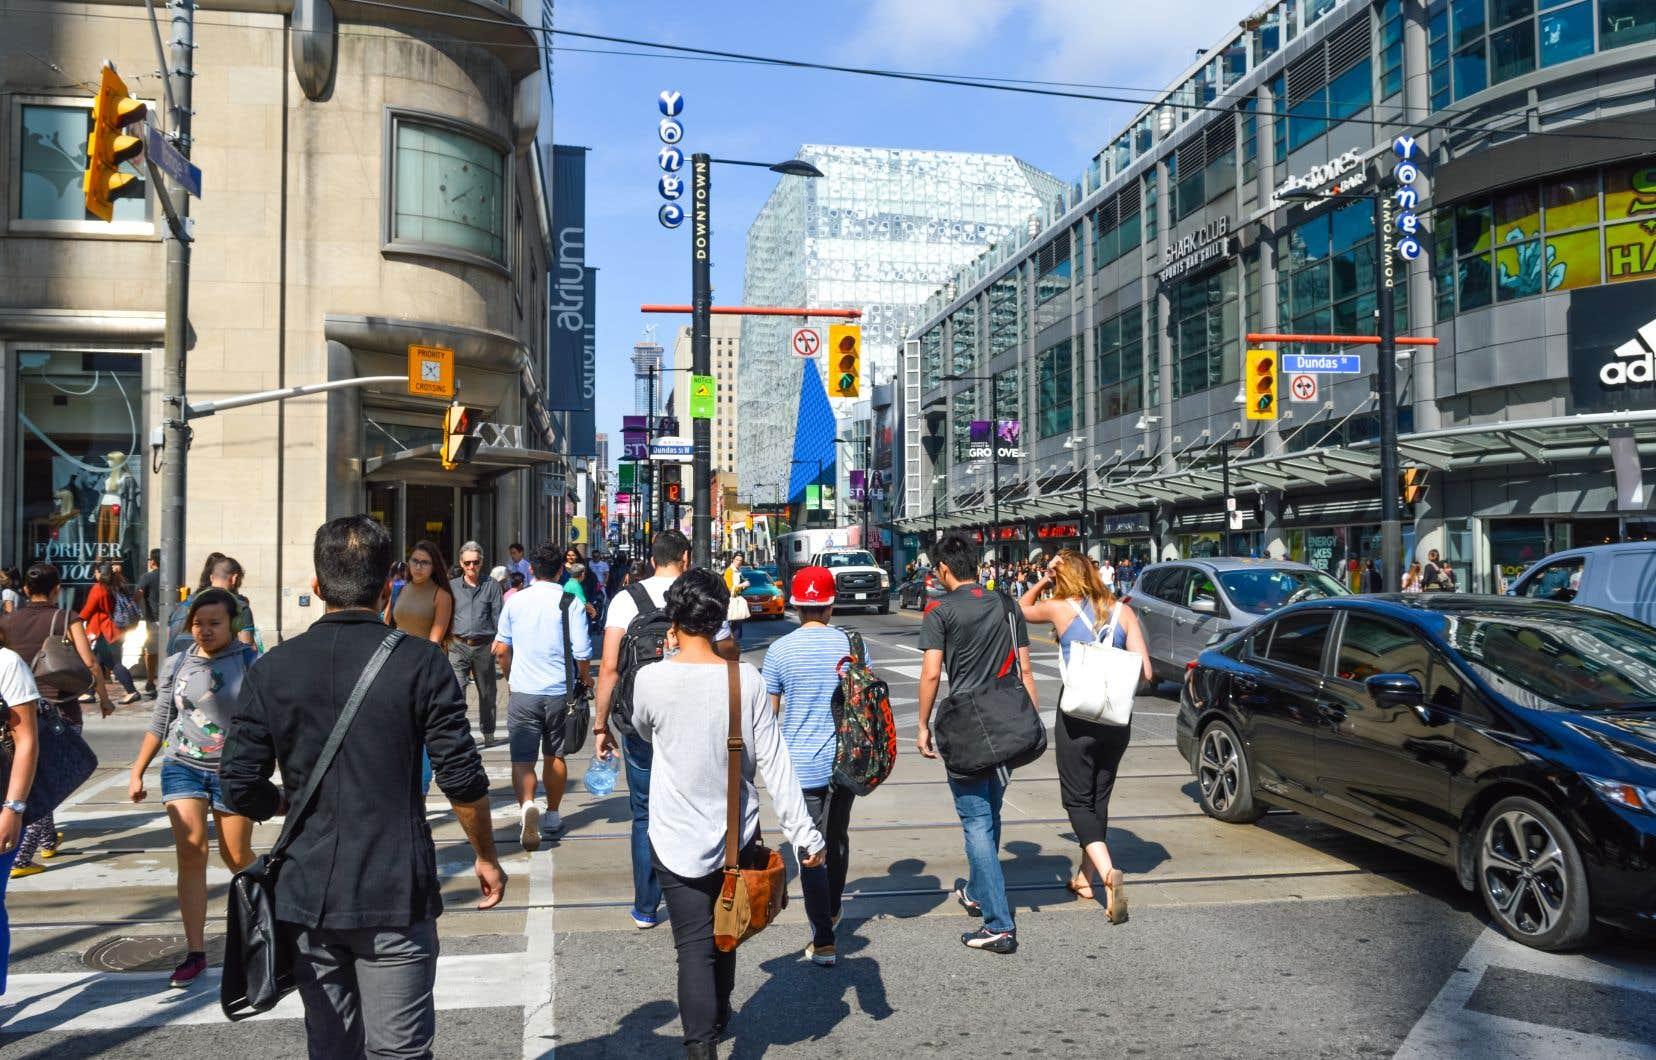 La Banque du Canada prévoit une croissance du PIB de 2,8% au deuxième trimestre clos le 30juin, soit un peu moins que les prévisions des analystes de 3%.